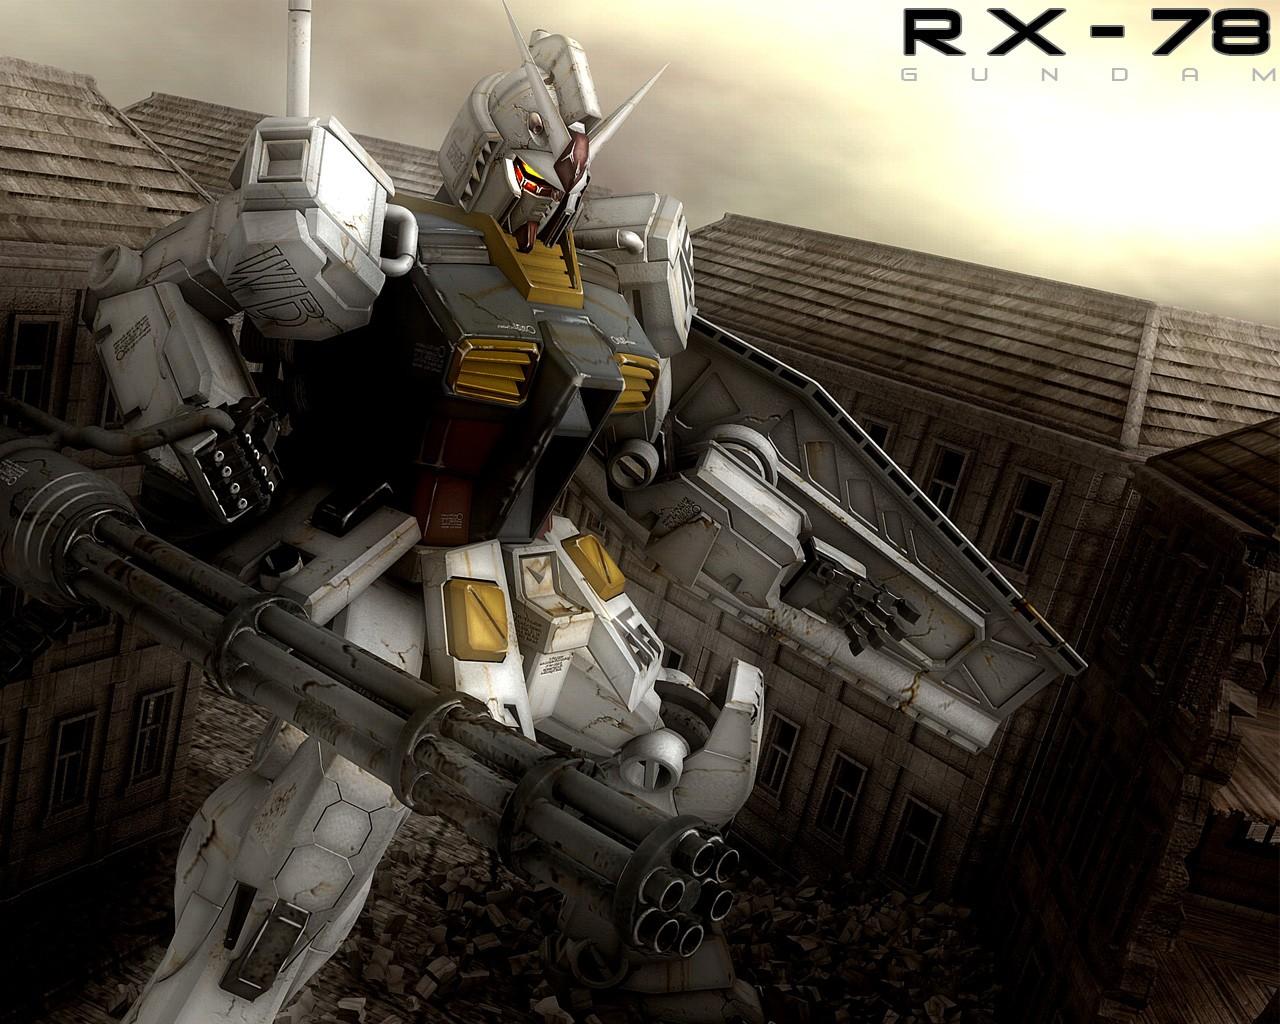 Wallpaper Robot Weapon Soldier Mech Rx 78 Gundam Screenshot